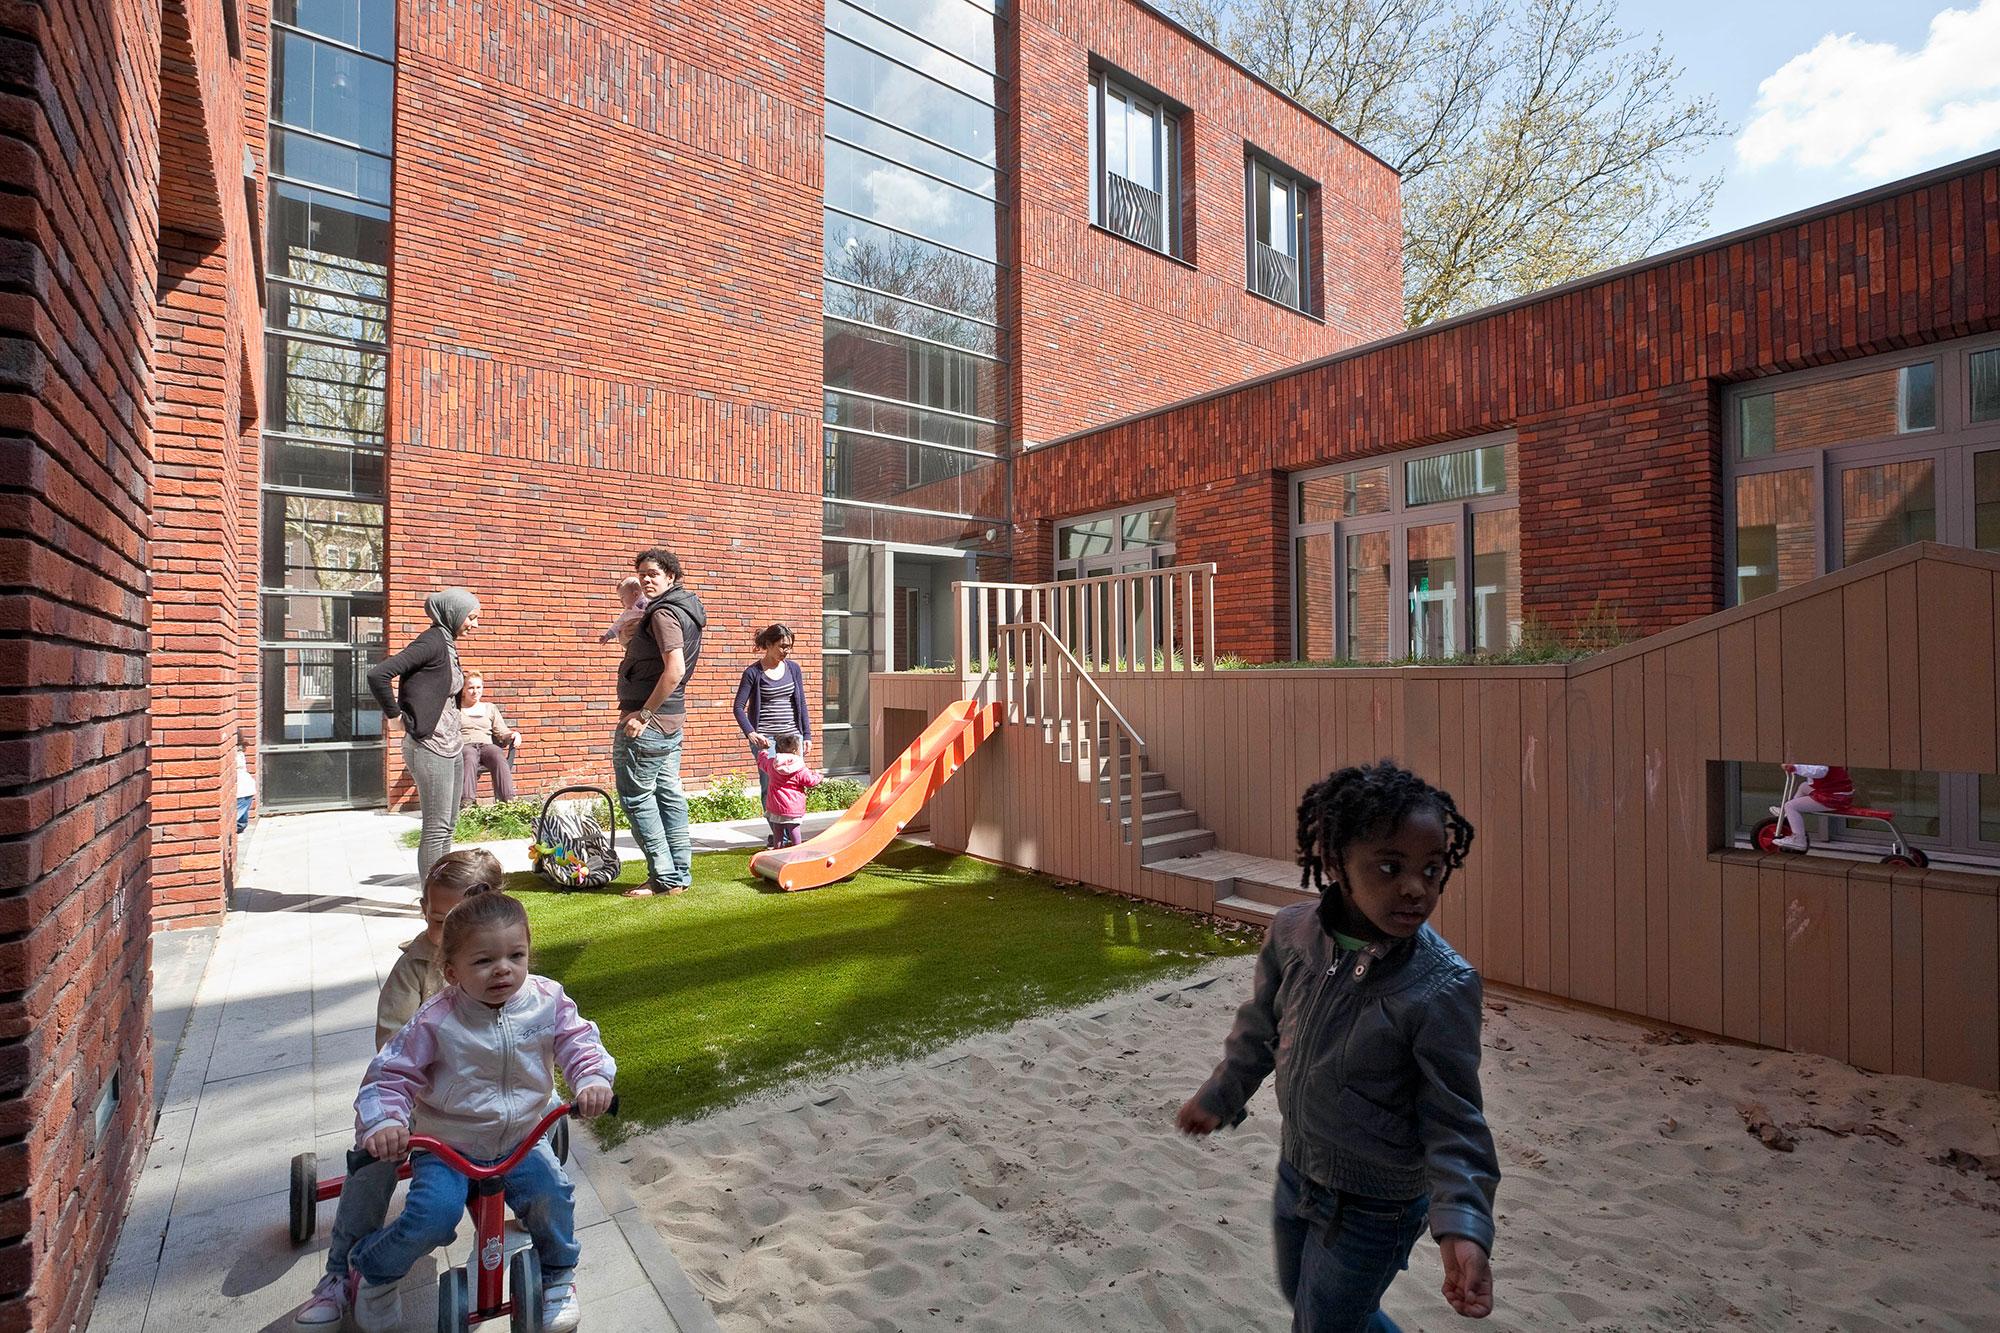 Brede school Nieuw Crooswijk 10